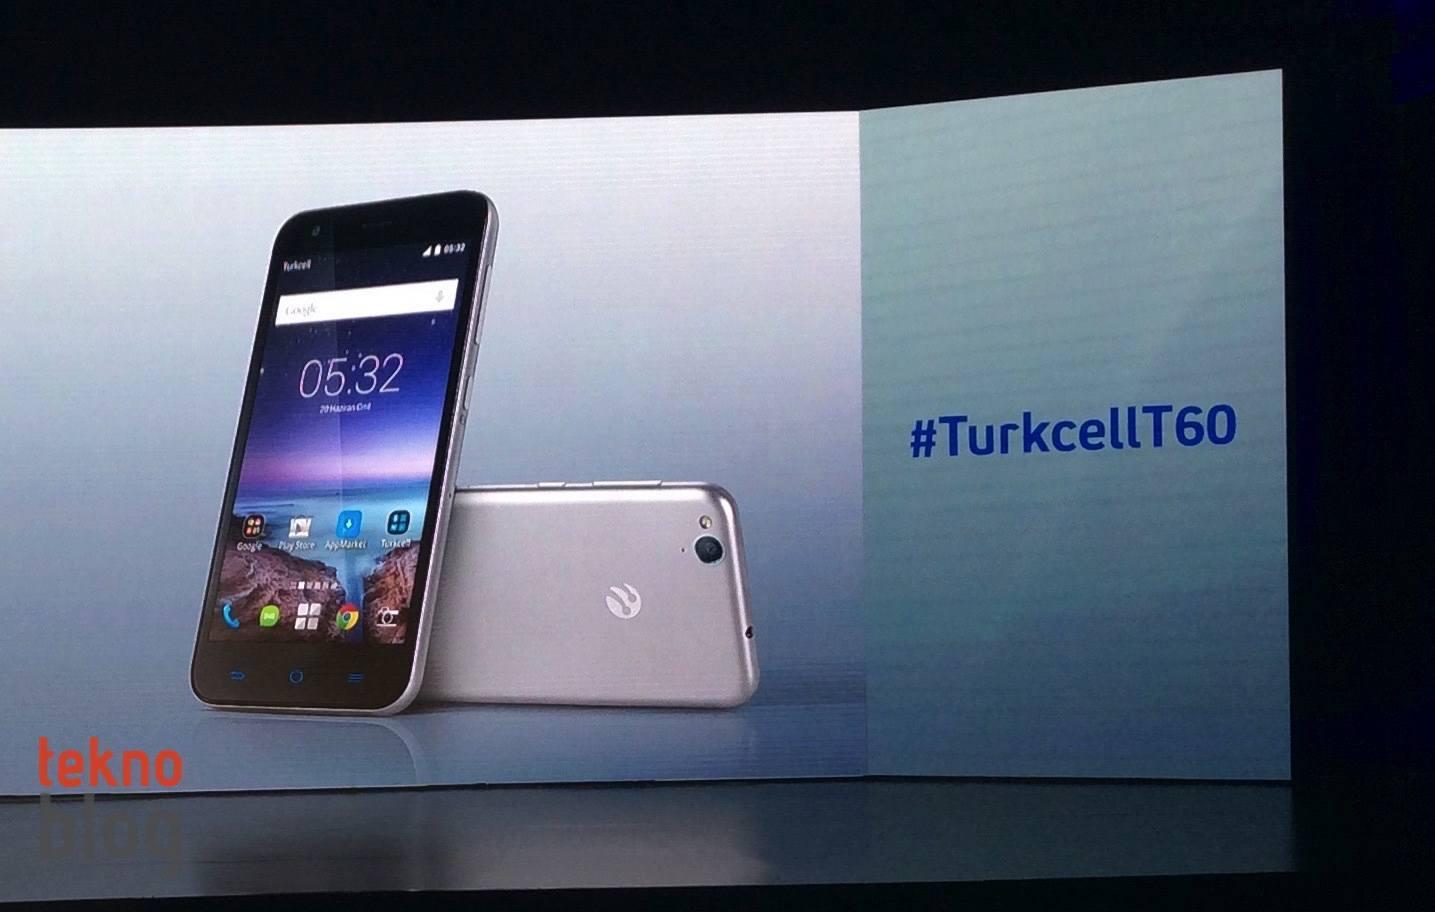 turkcell-t60-080515